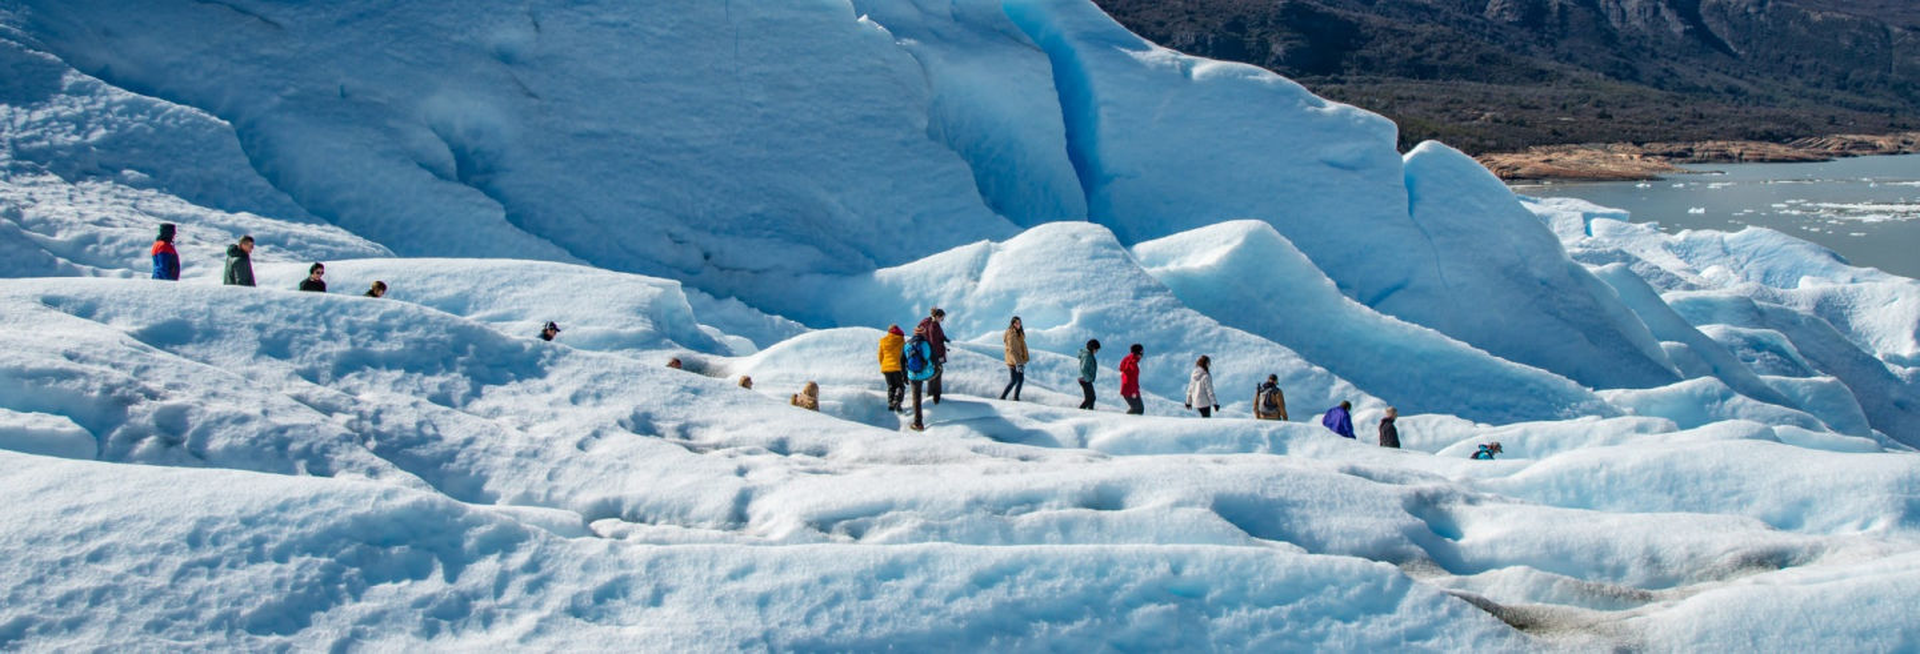 Senderismo por el Glaciar Perito Moreno